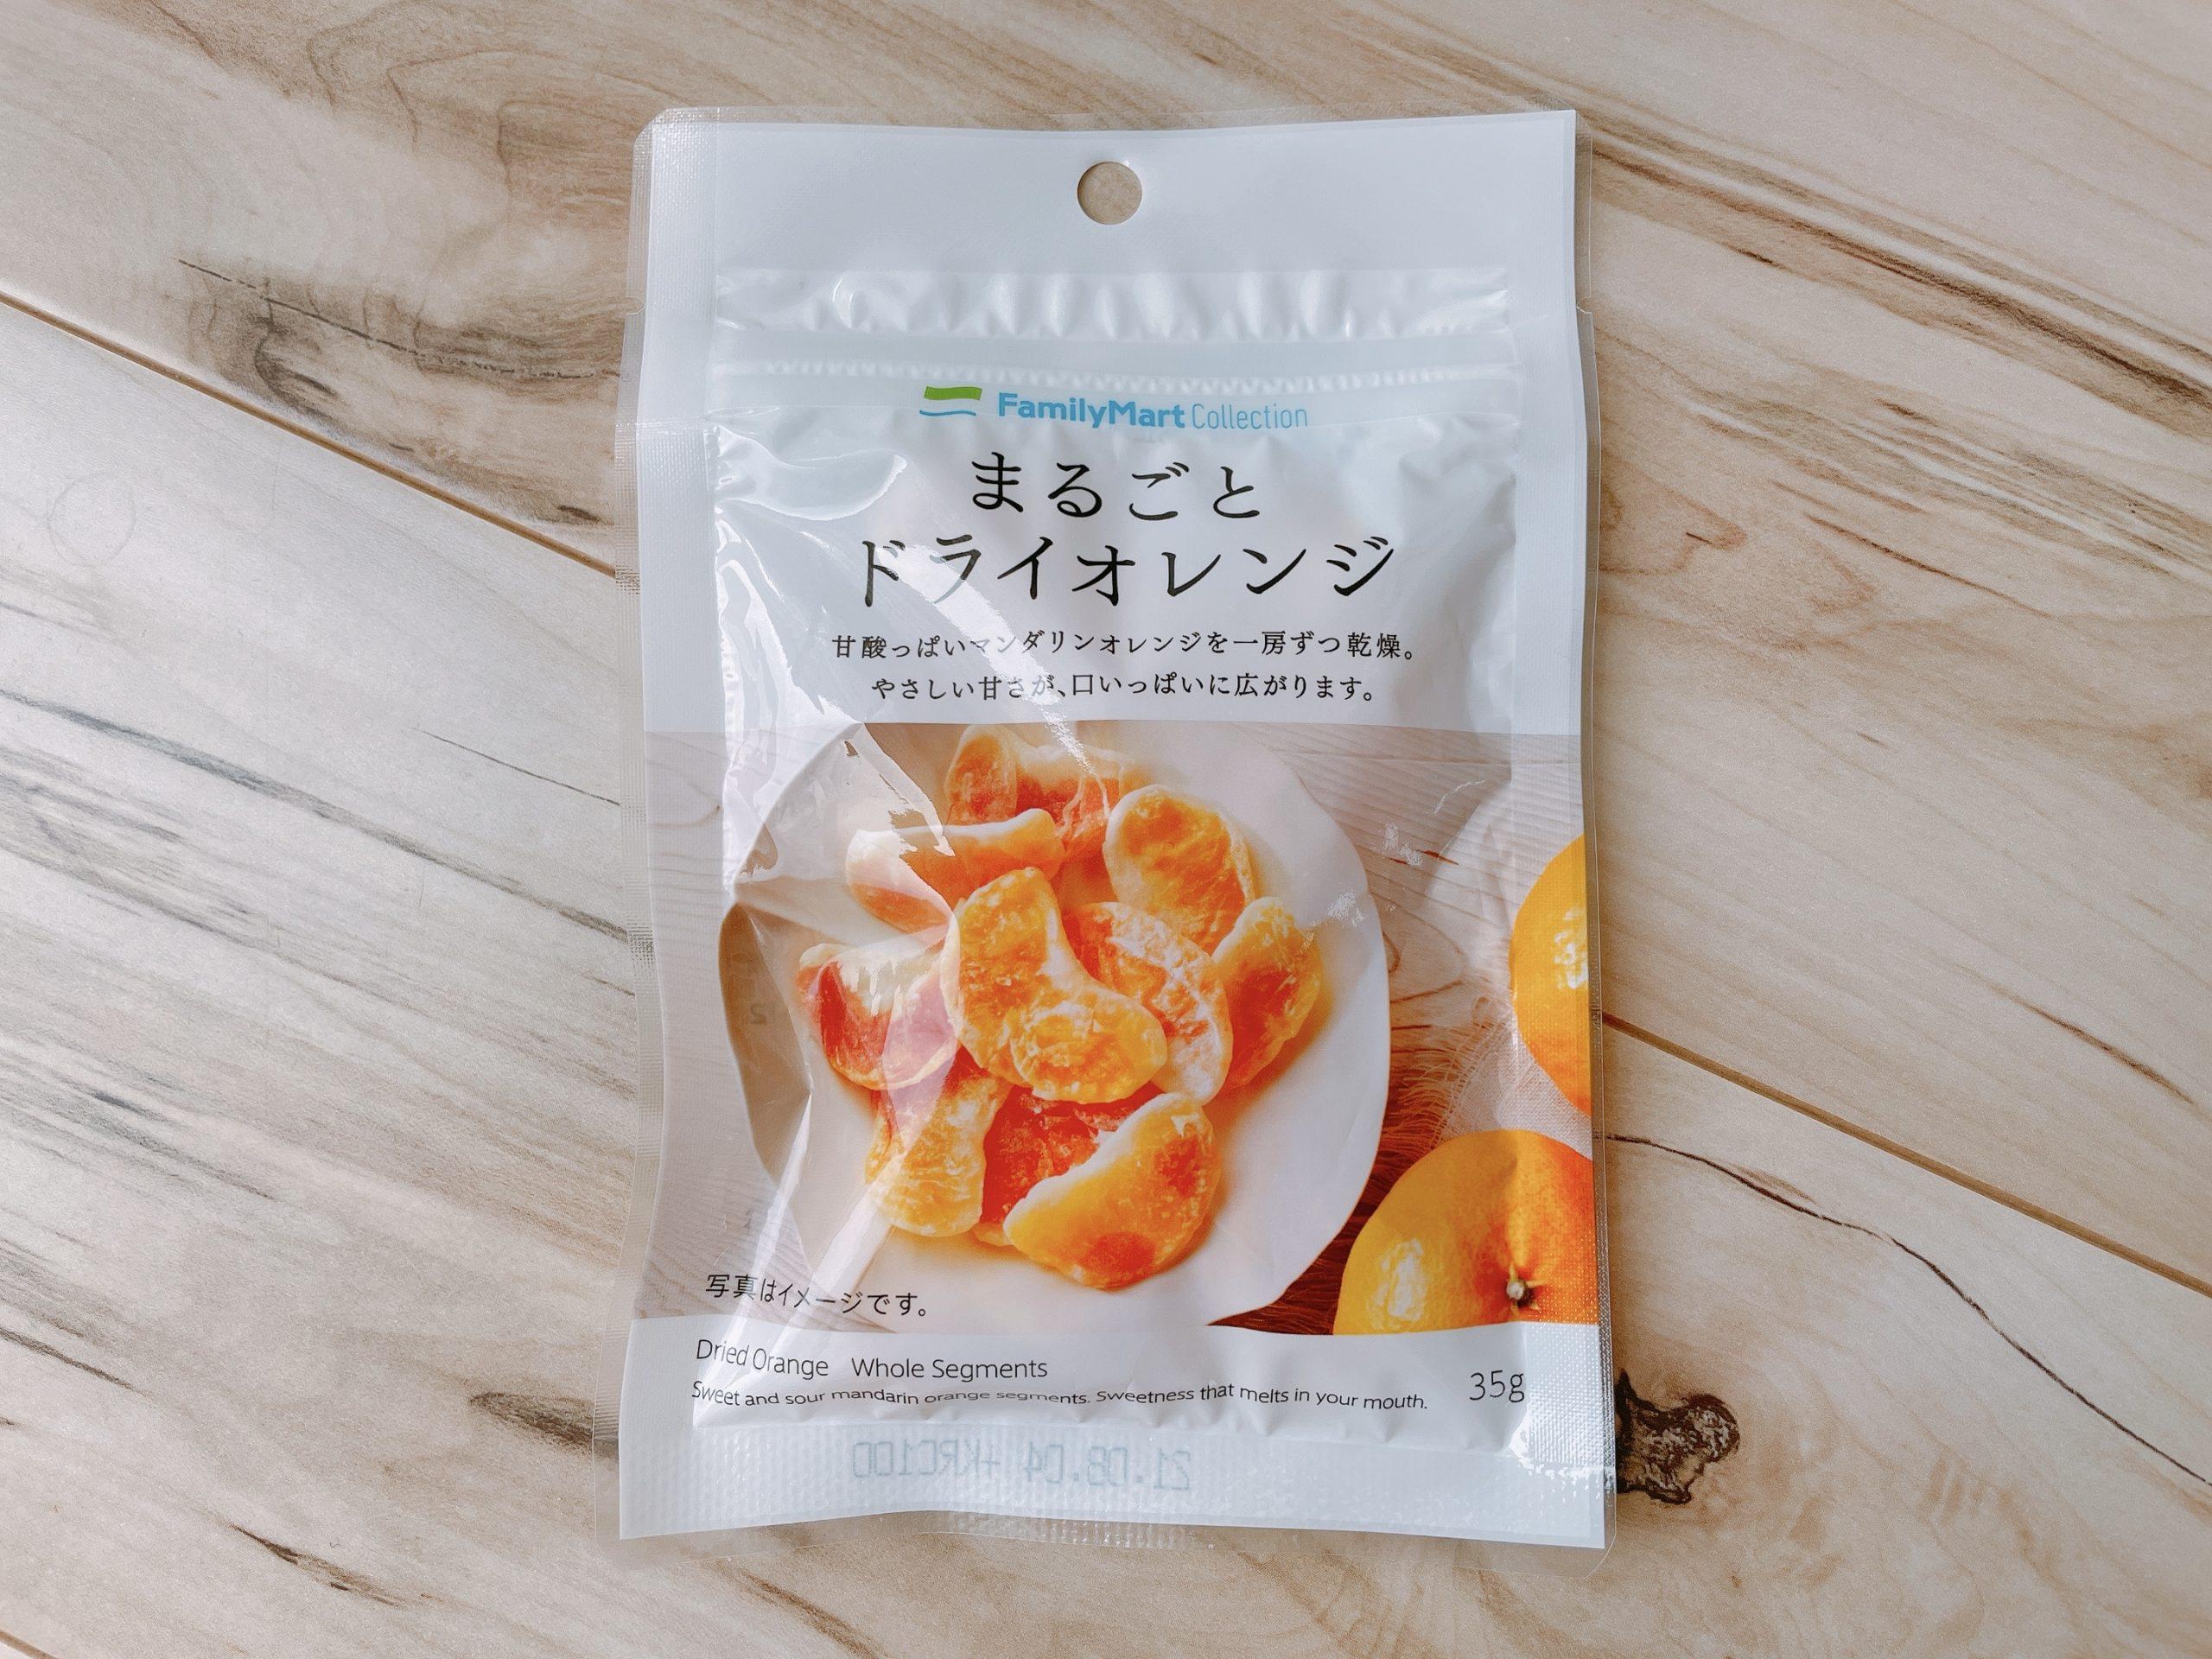 まるごとドライオレンジのパッケージ